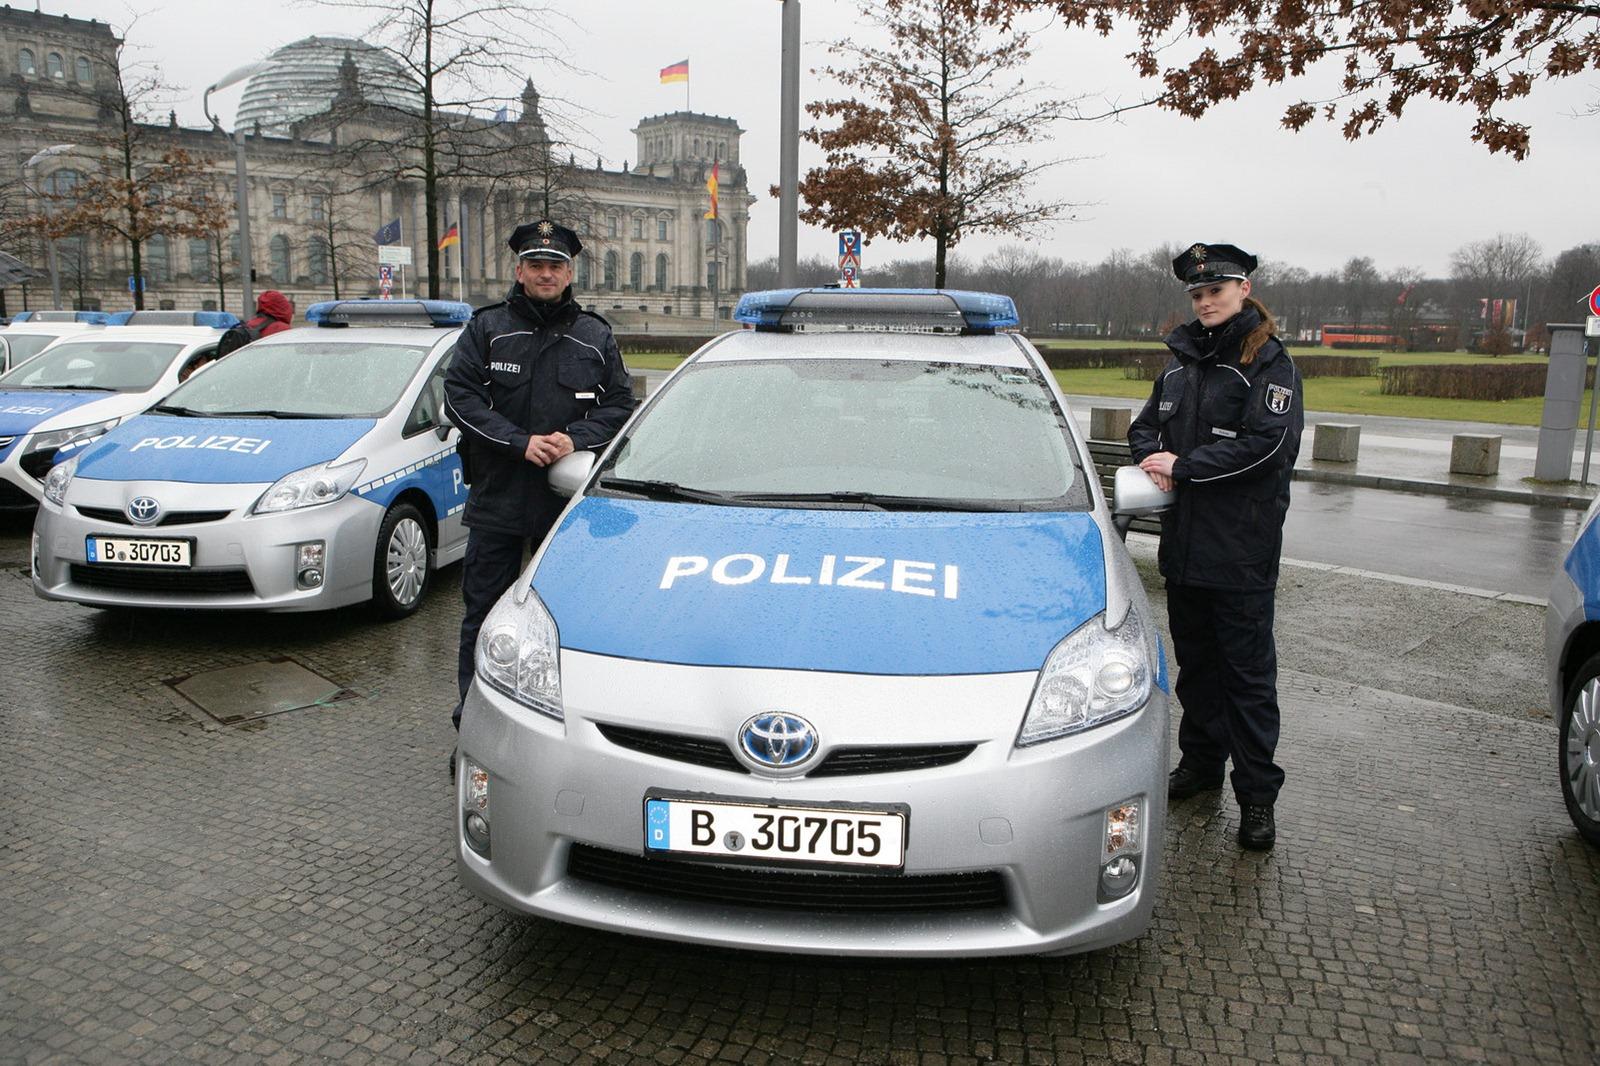 Γερμανία: Αφαίρεση υπηκοότητας από μαχητές του Ισλαμικού Κράτους